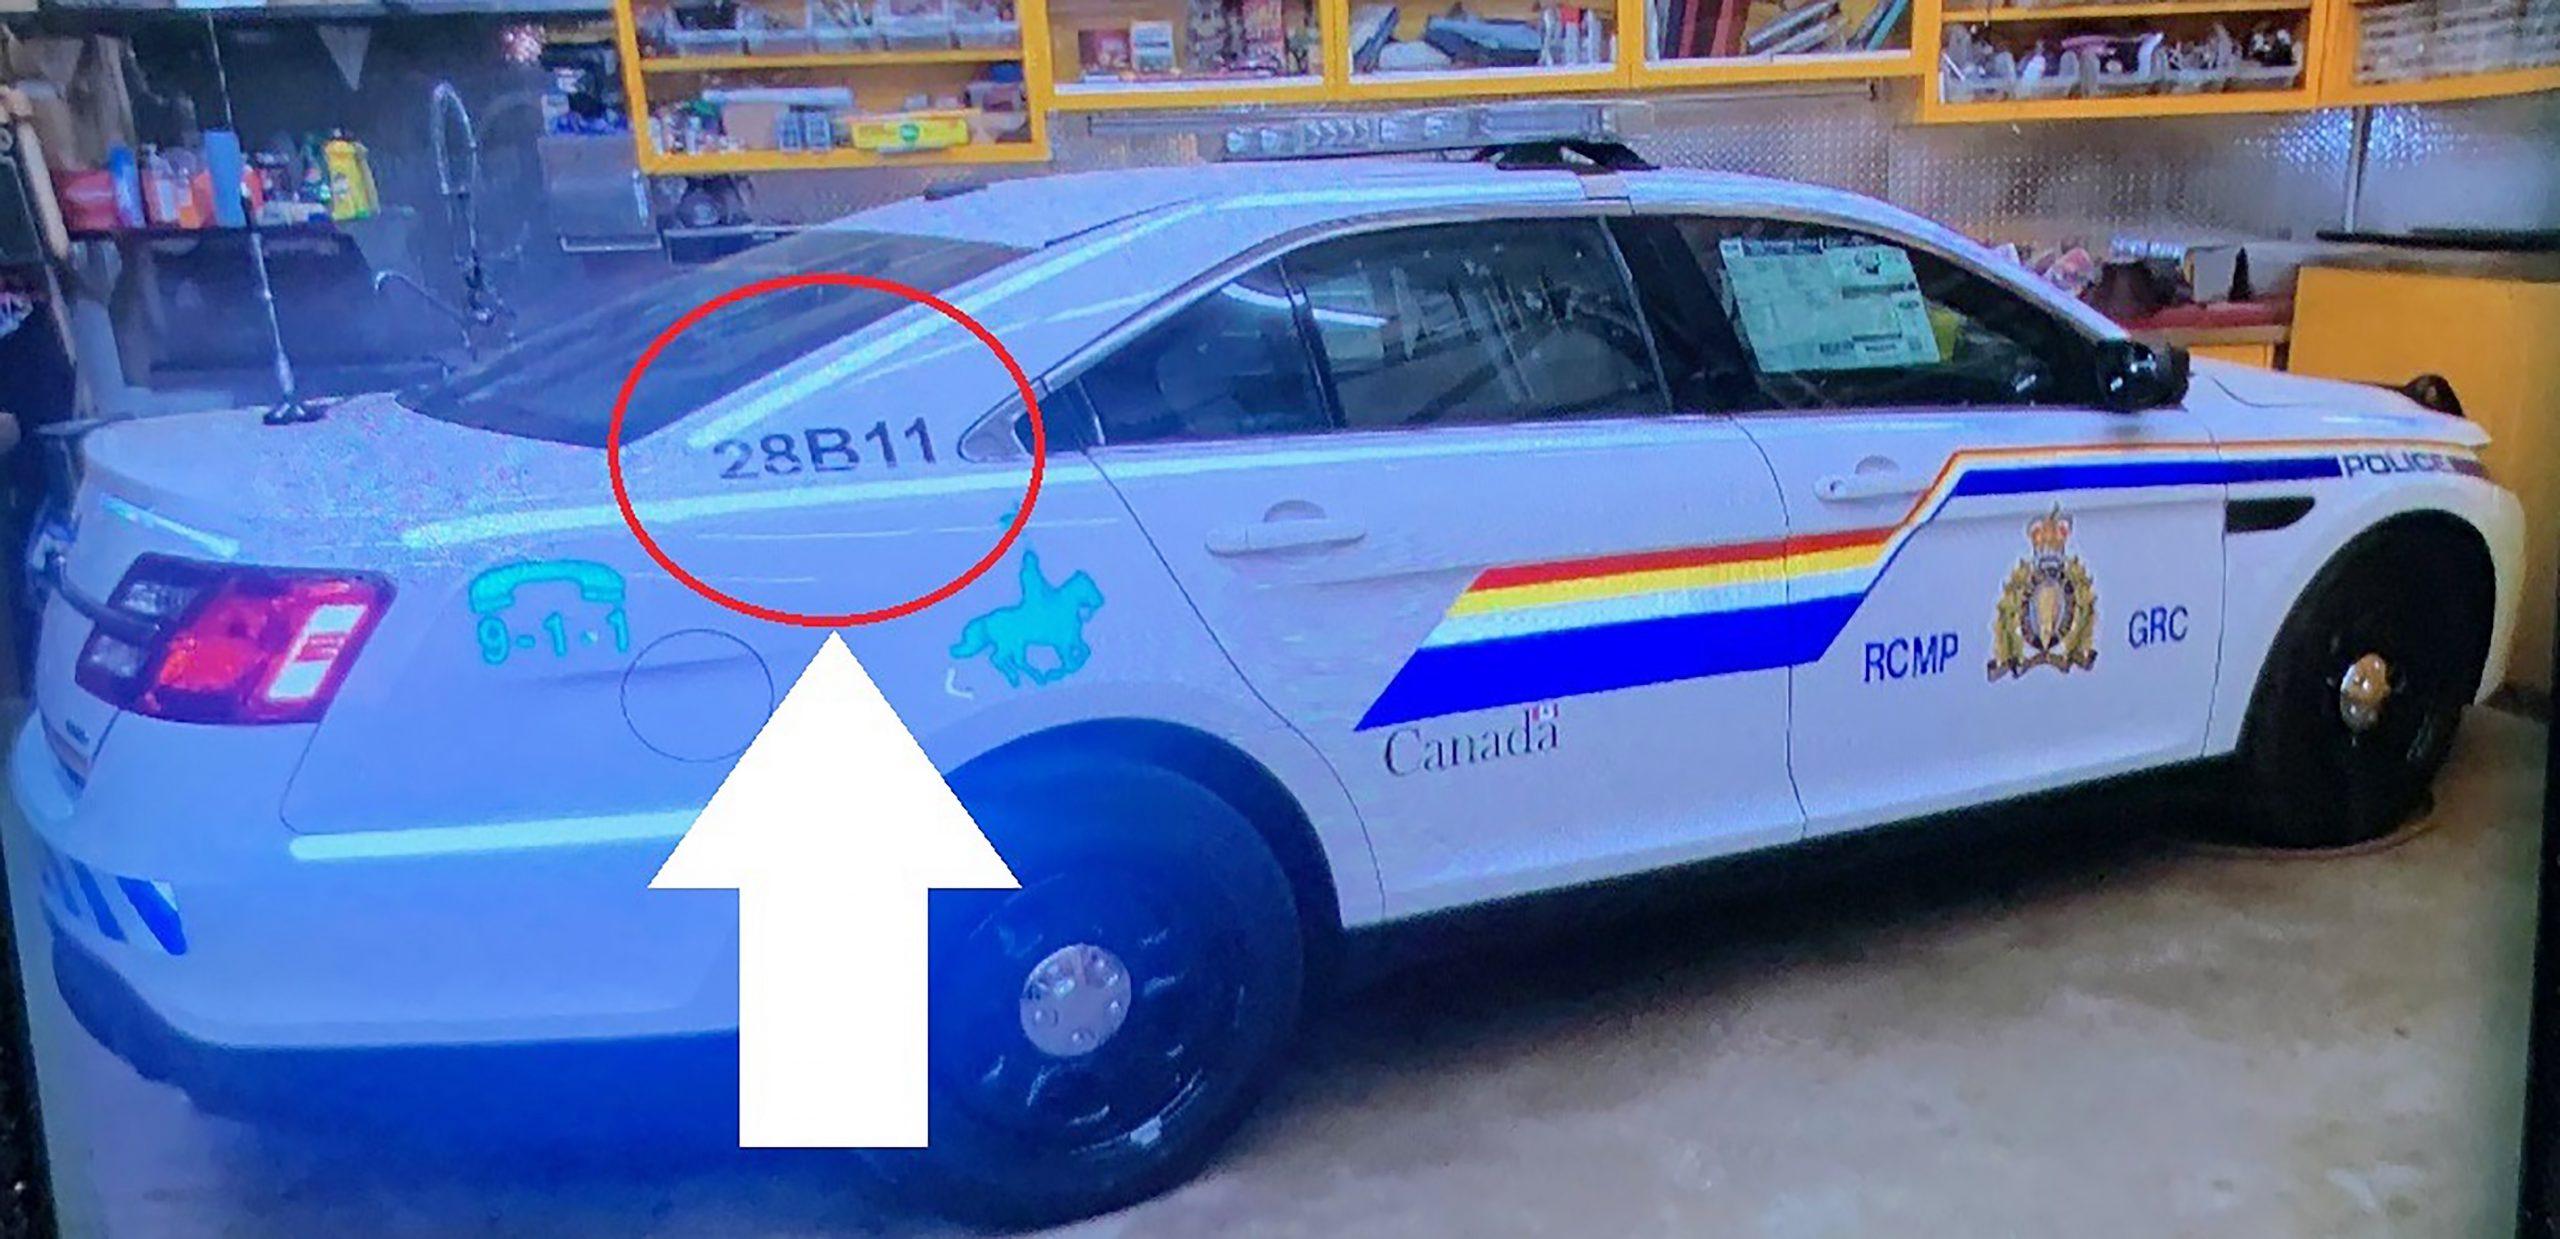 Foto concedida por Royal Canadian Mounted Police. Foto de EFE/EPA/RCMP HALIFAX